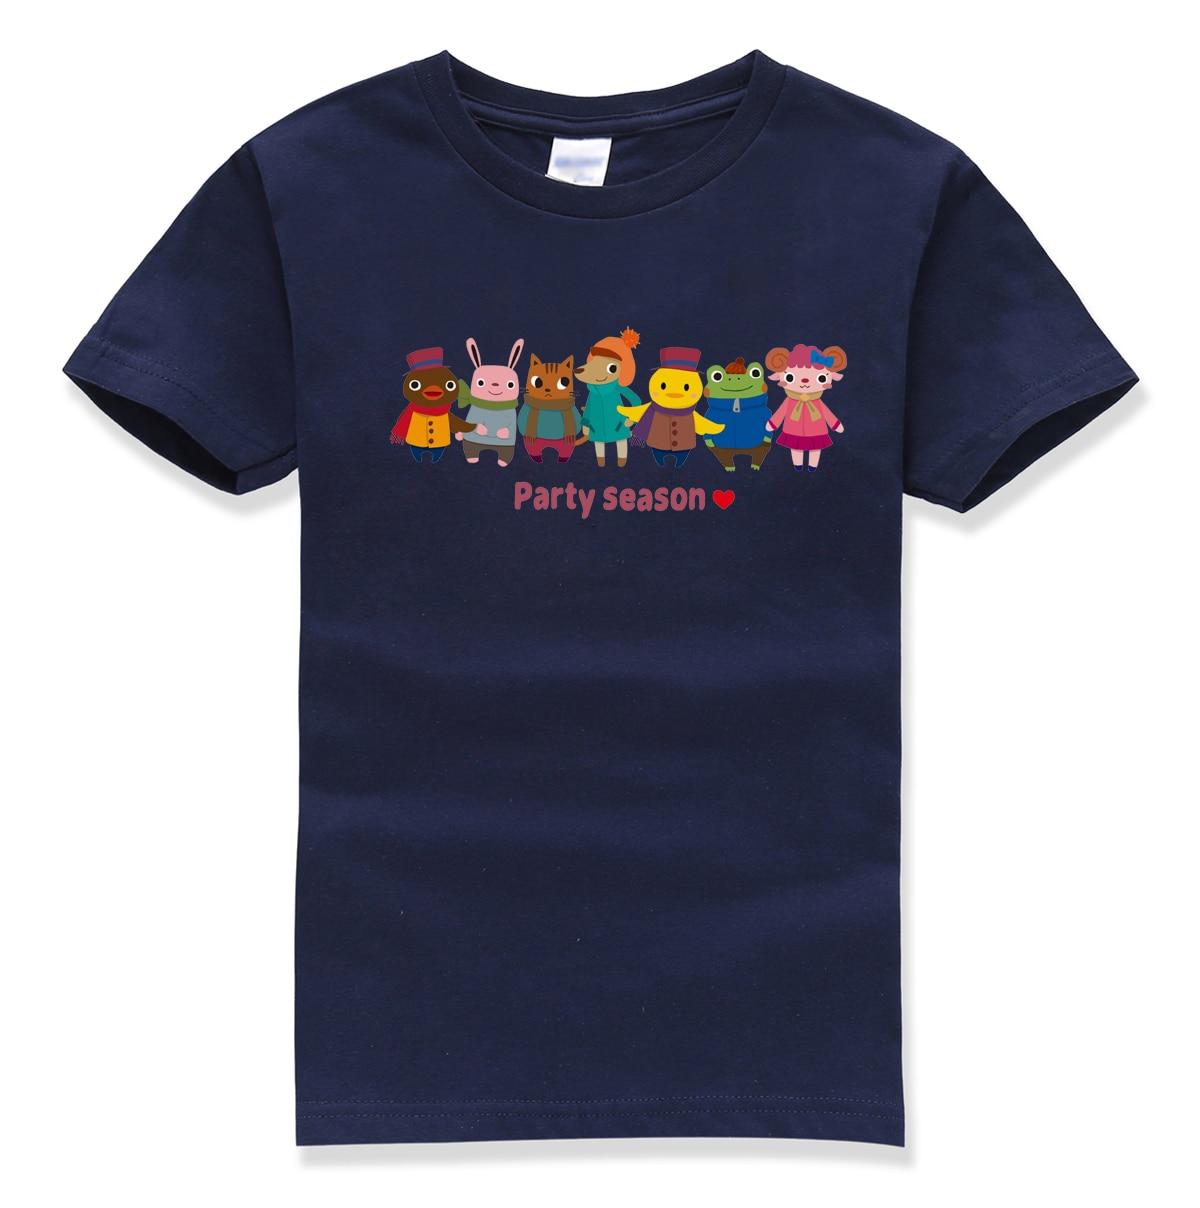 2018 летняя новая брендовая одежда детская рубашка вечерние сезон печати с коротким рукавом Забавные милые футболка детская футболка Homme Оде...